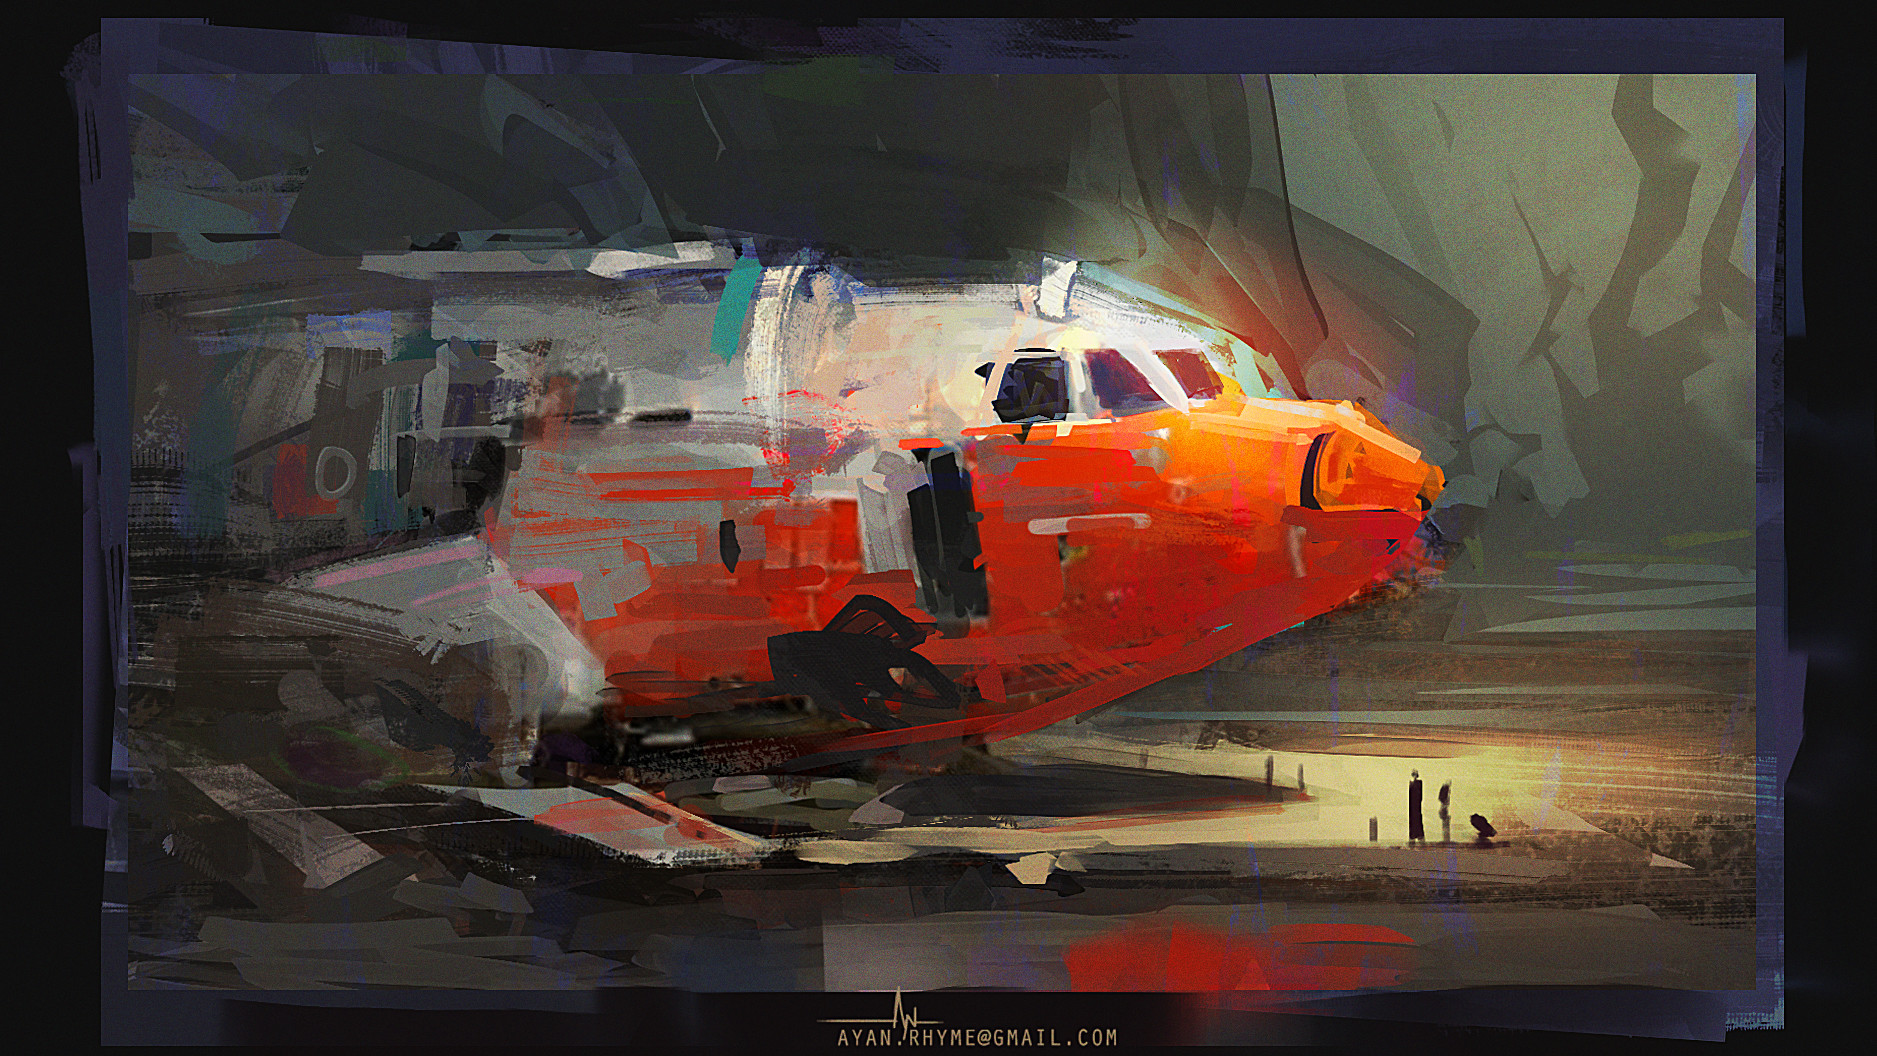 Ayan nag plane wreck by ayan nag